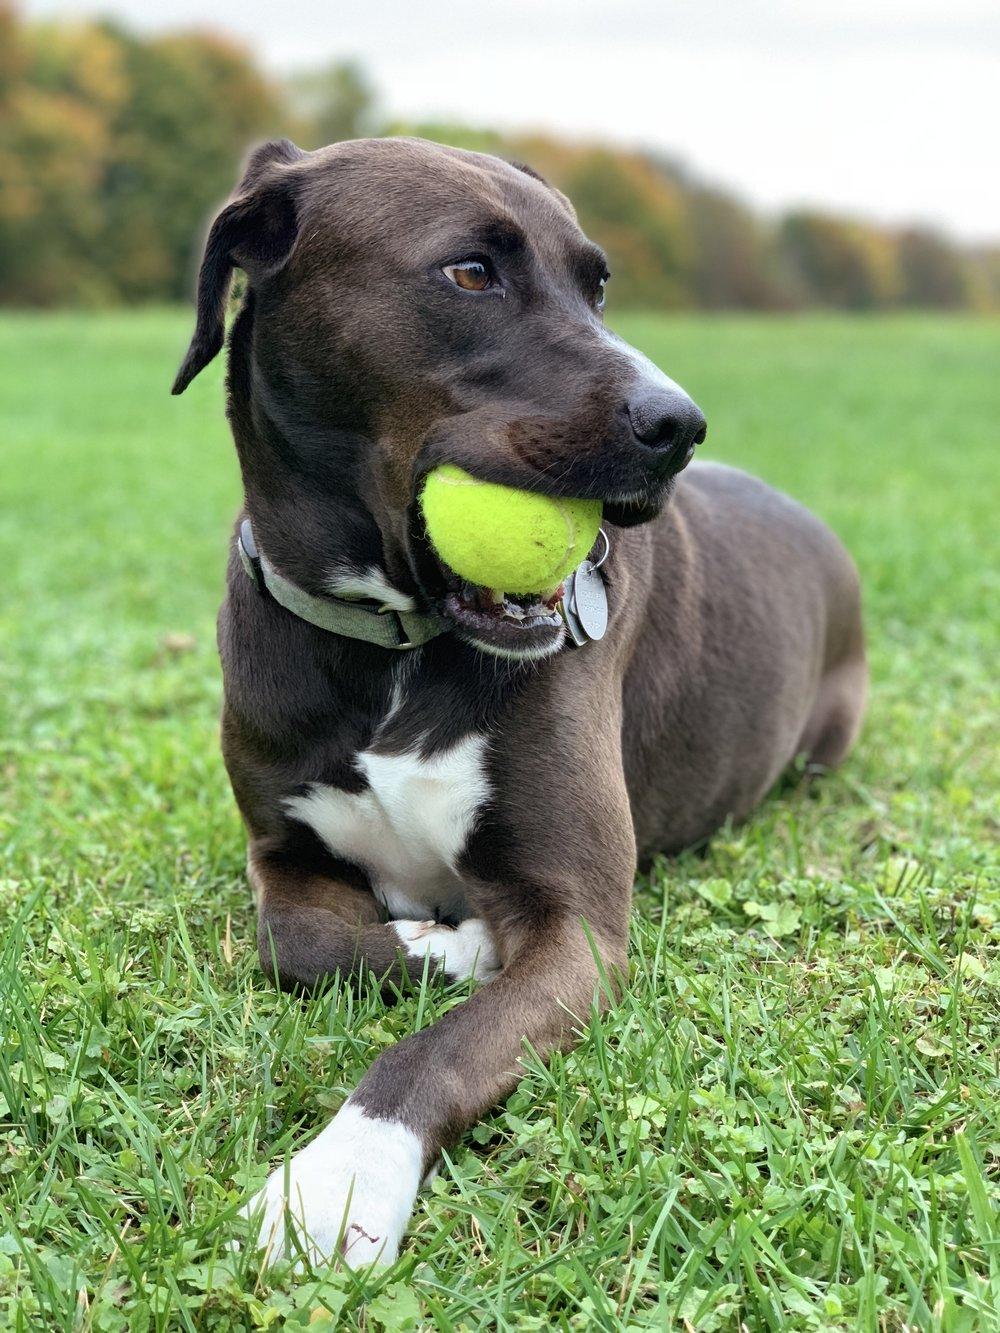 Ellie- Turning Stone Farm family member